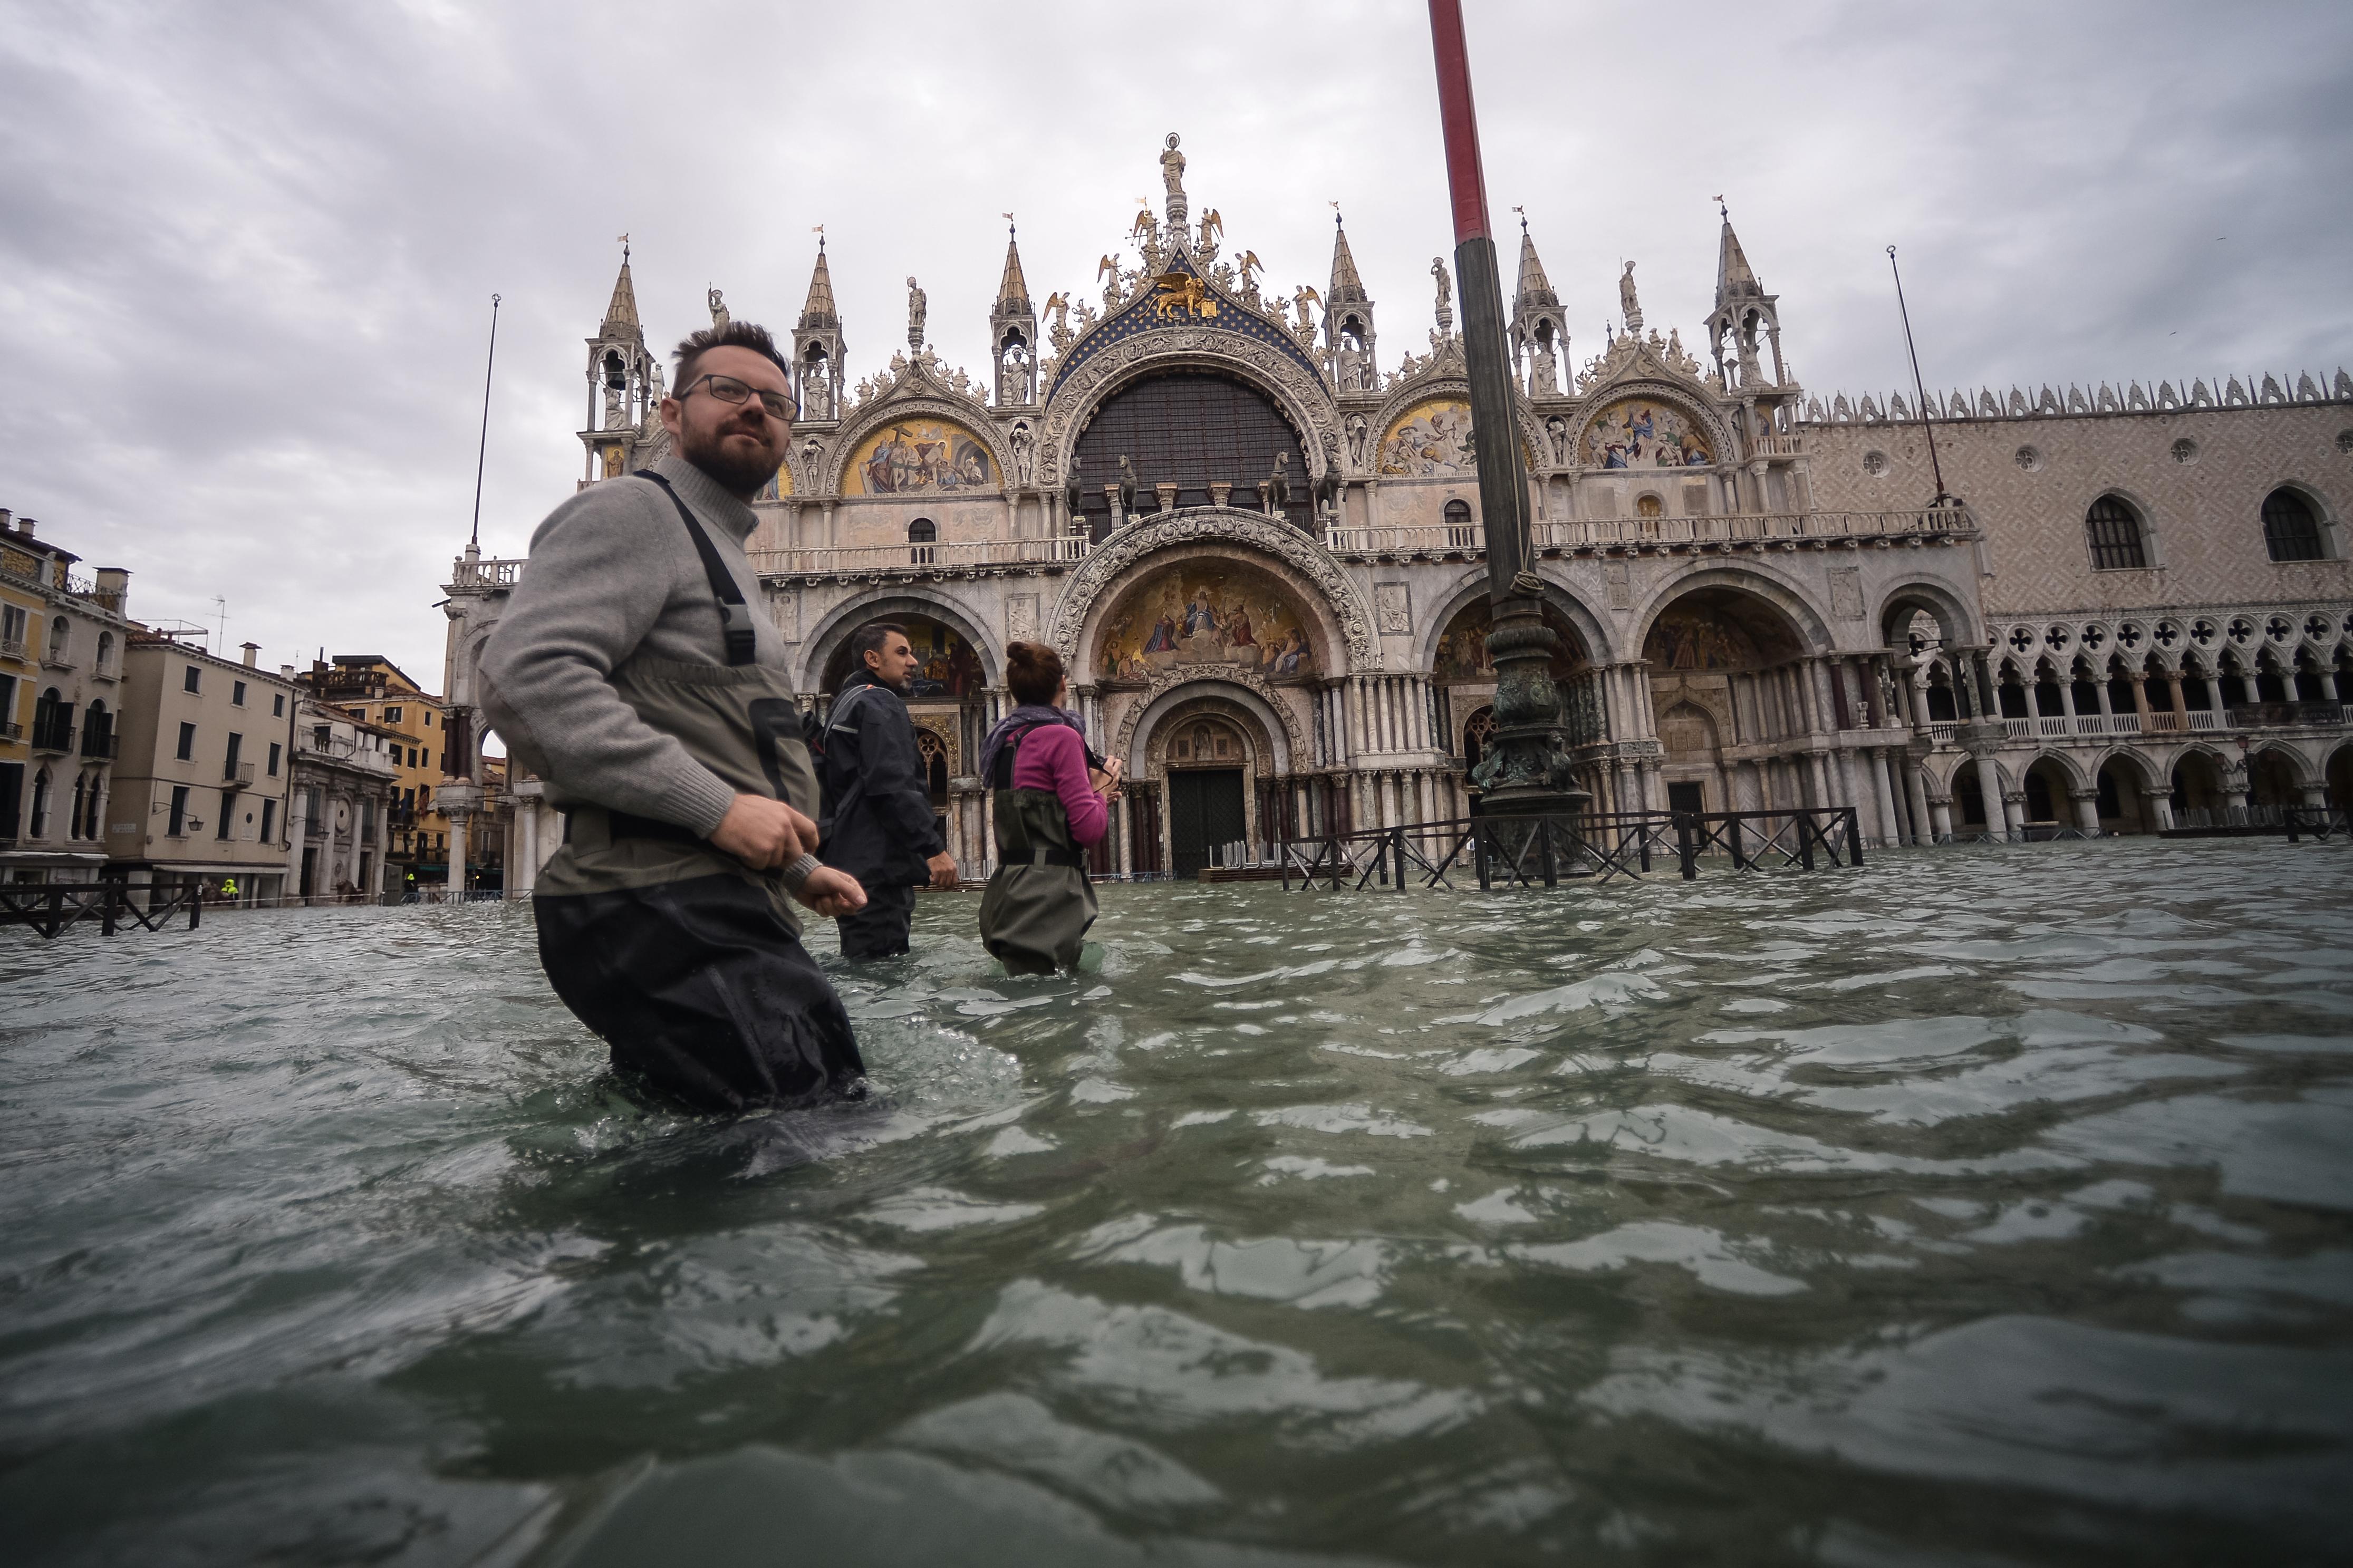 Újabb árhullám érte Velencét, lezárták a Szent Márk teret